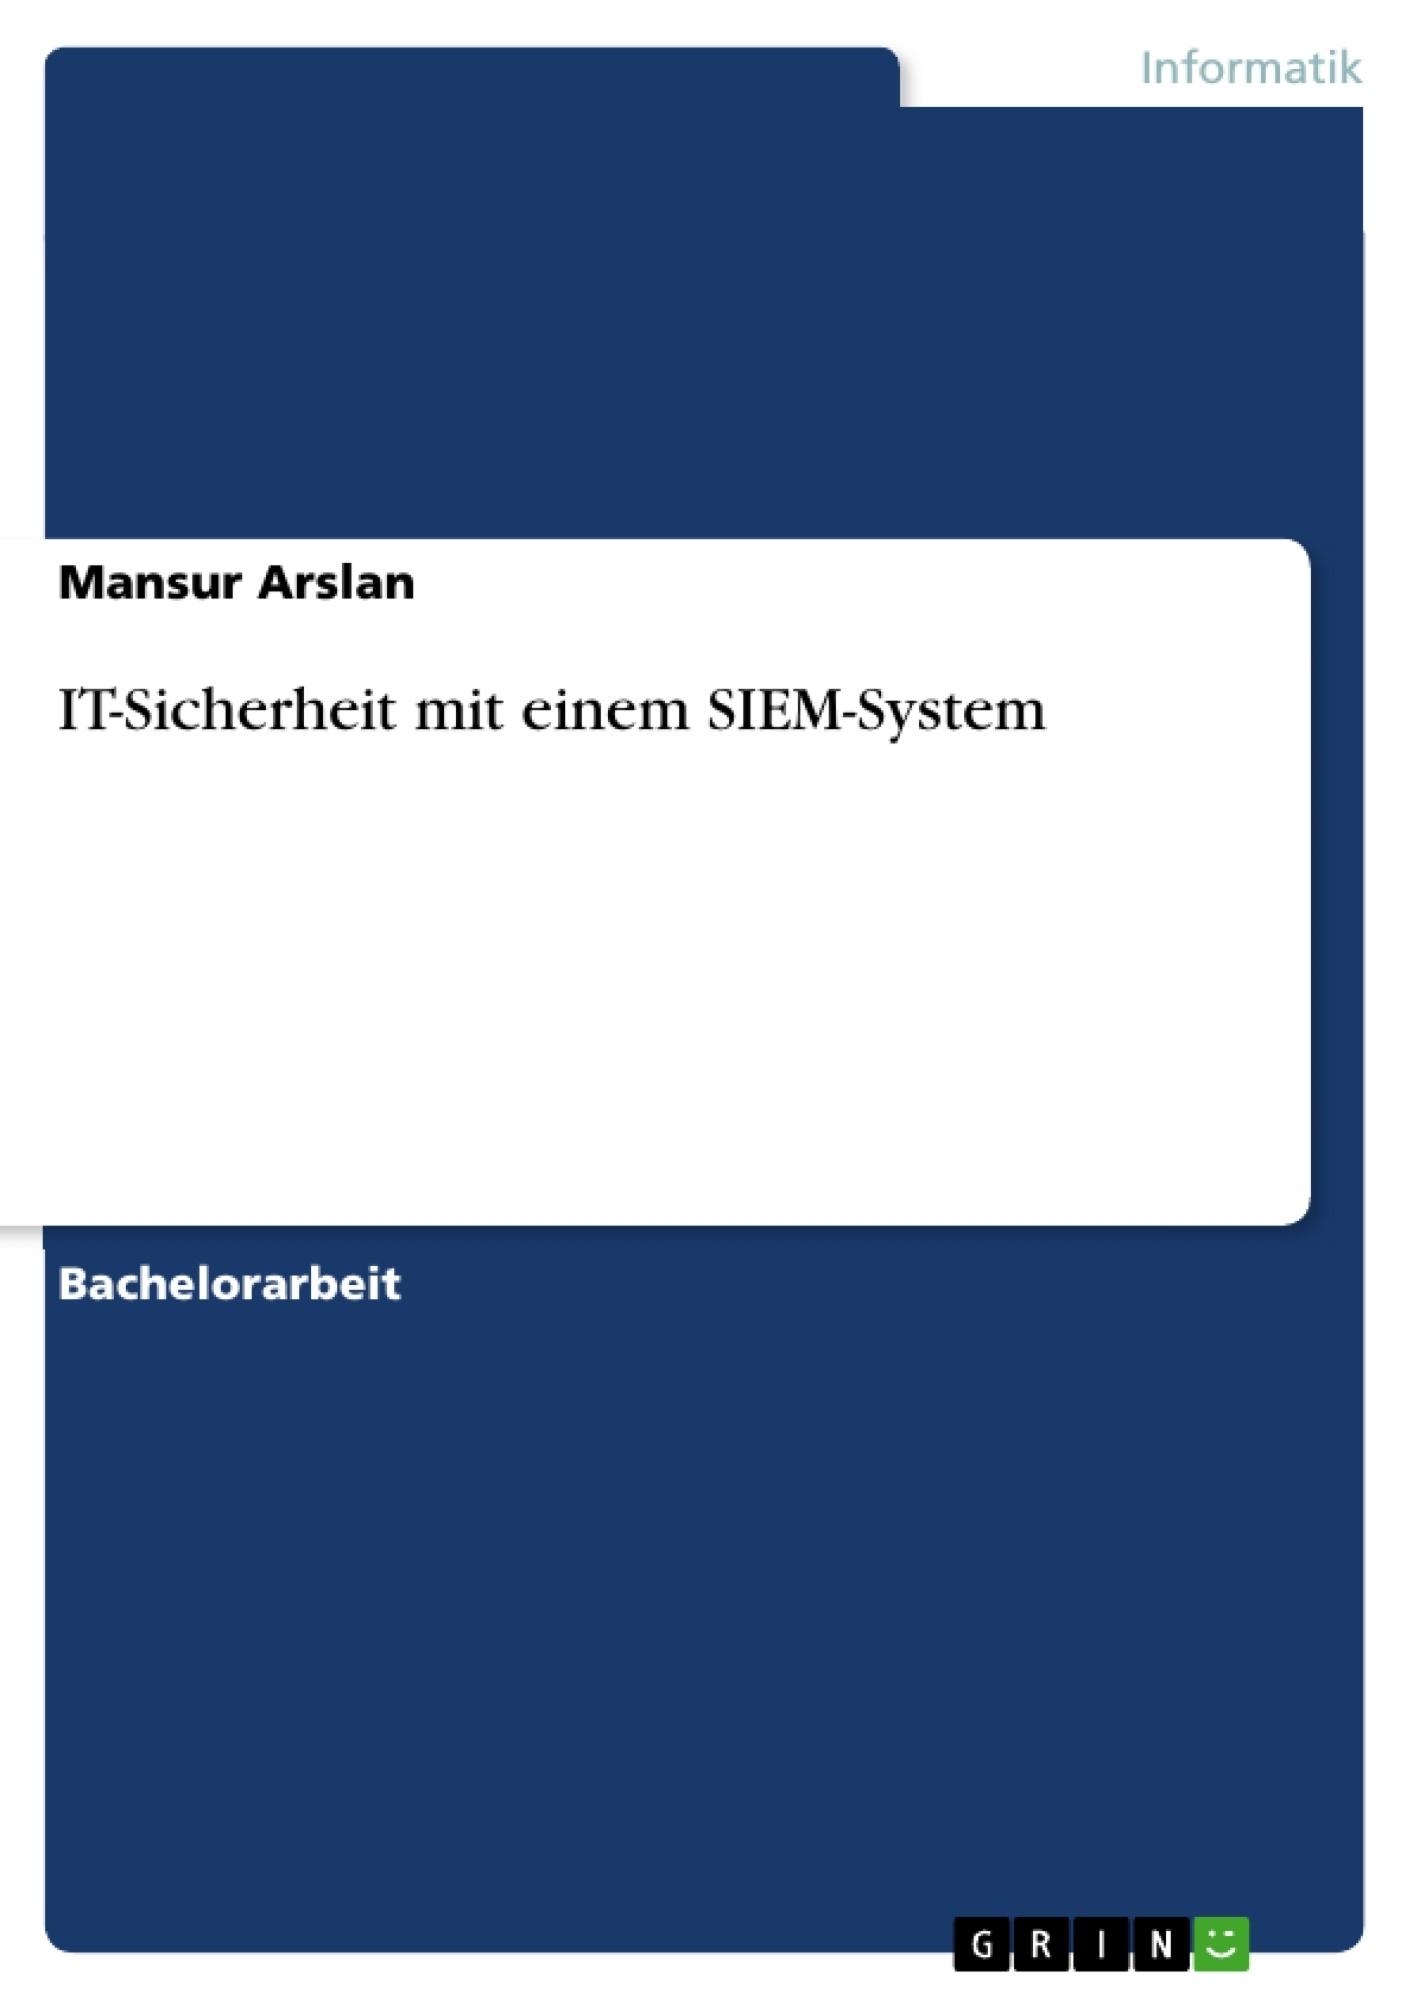 Titel: IT-Sicherheit mit einem SIEM-System